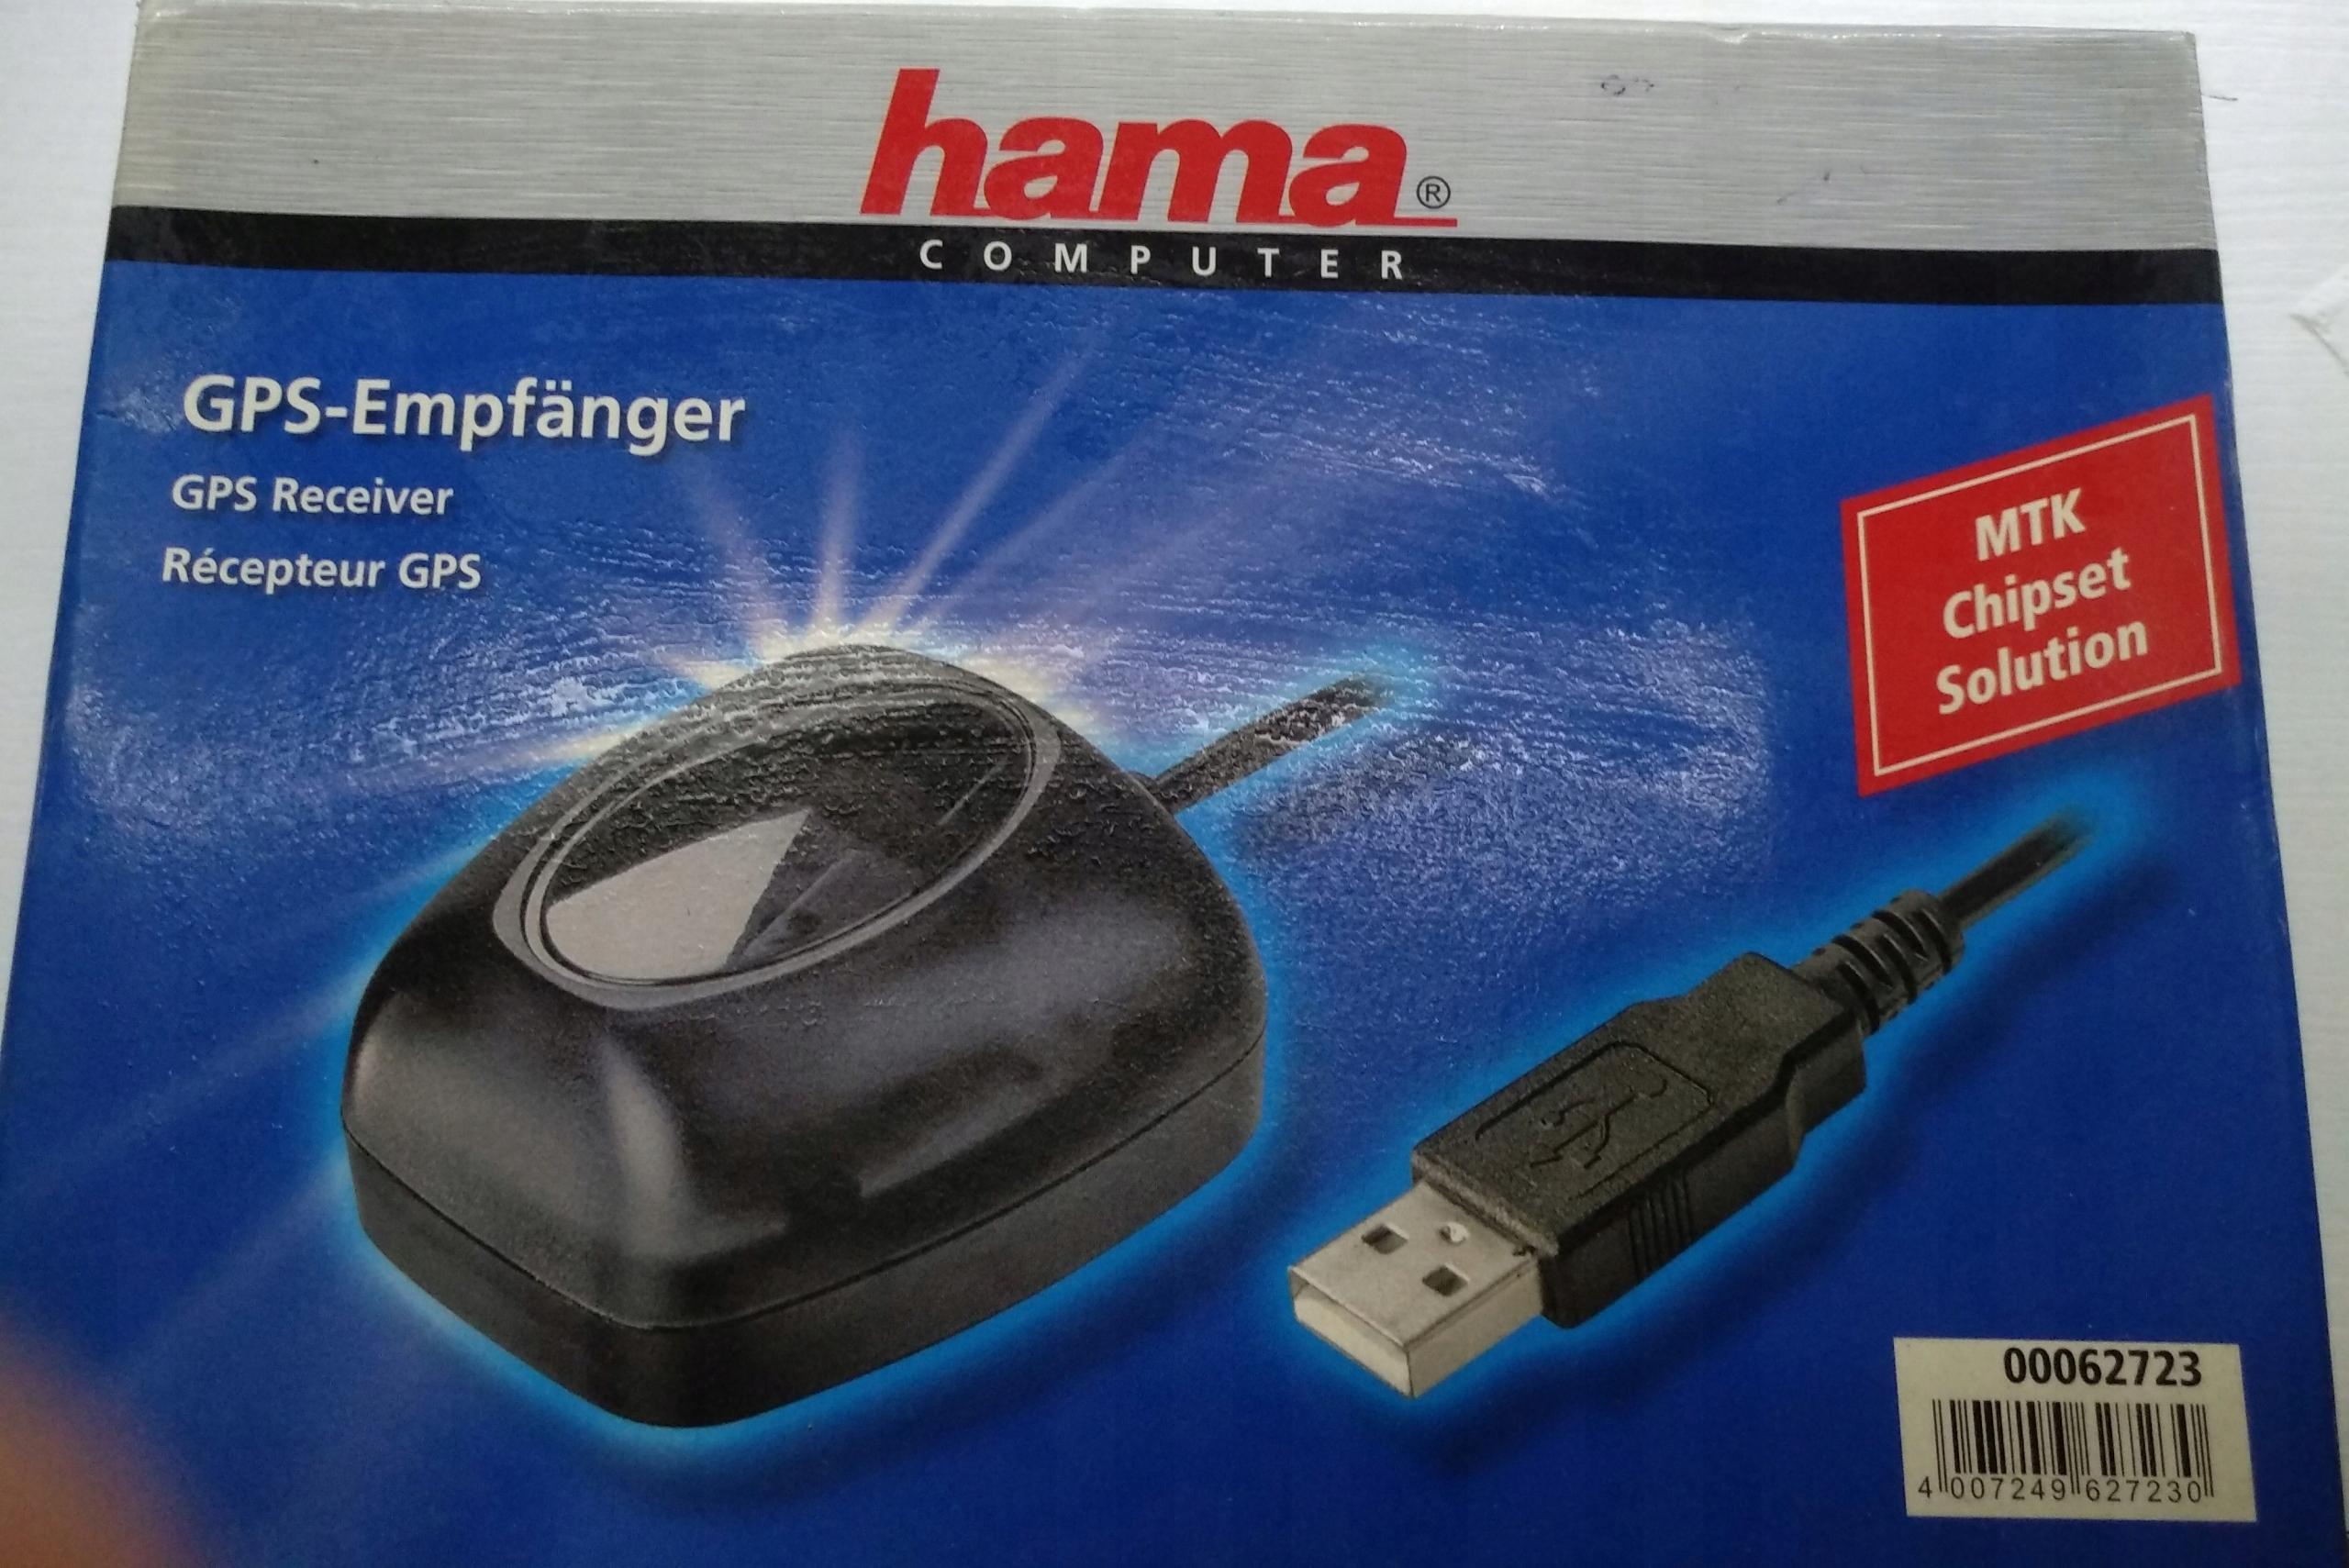 Odbiornik gps, USB firmy hama